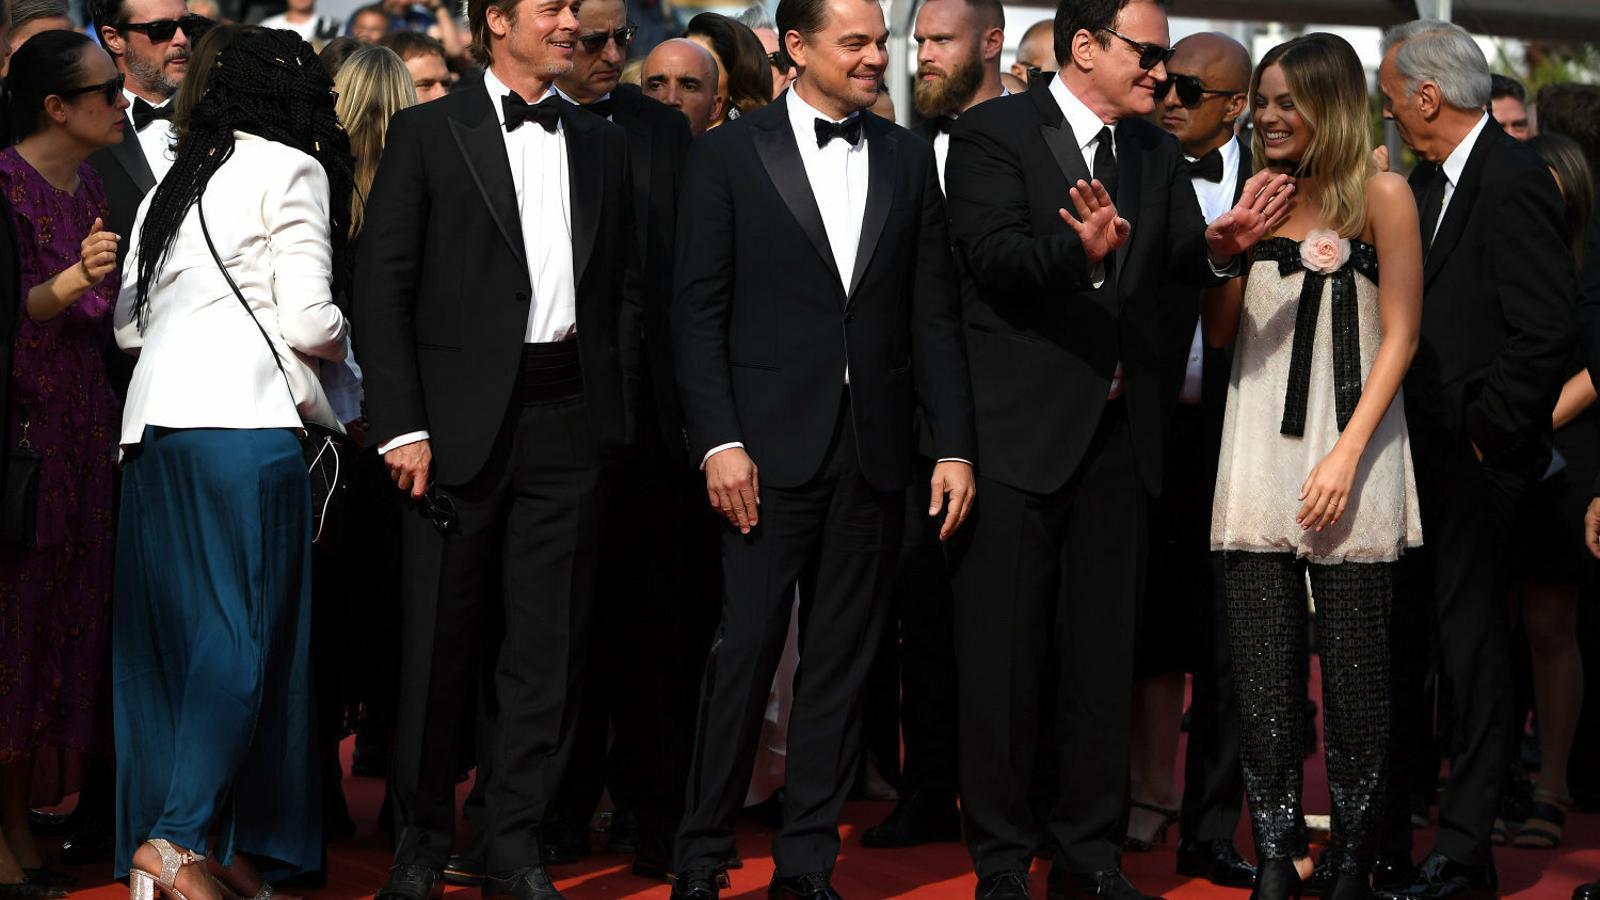 Canes vibra amb el Tarantino més cinèfil